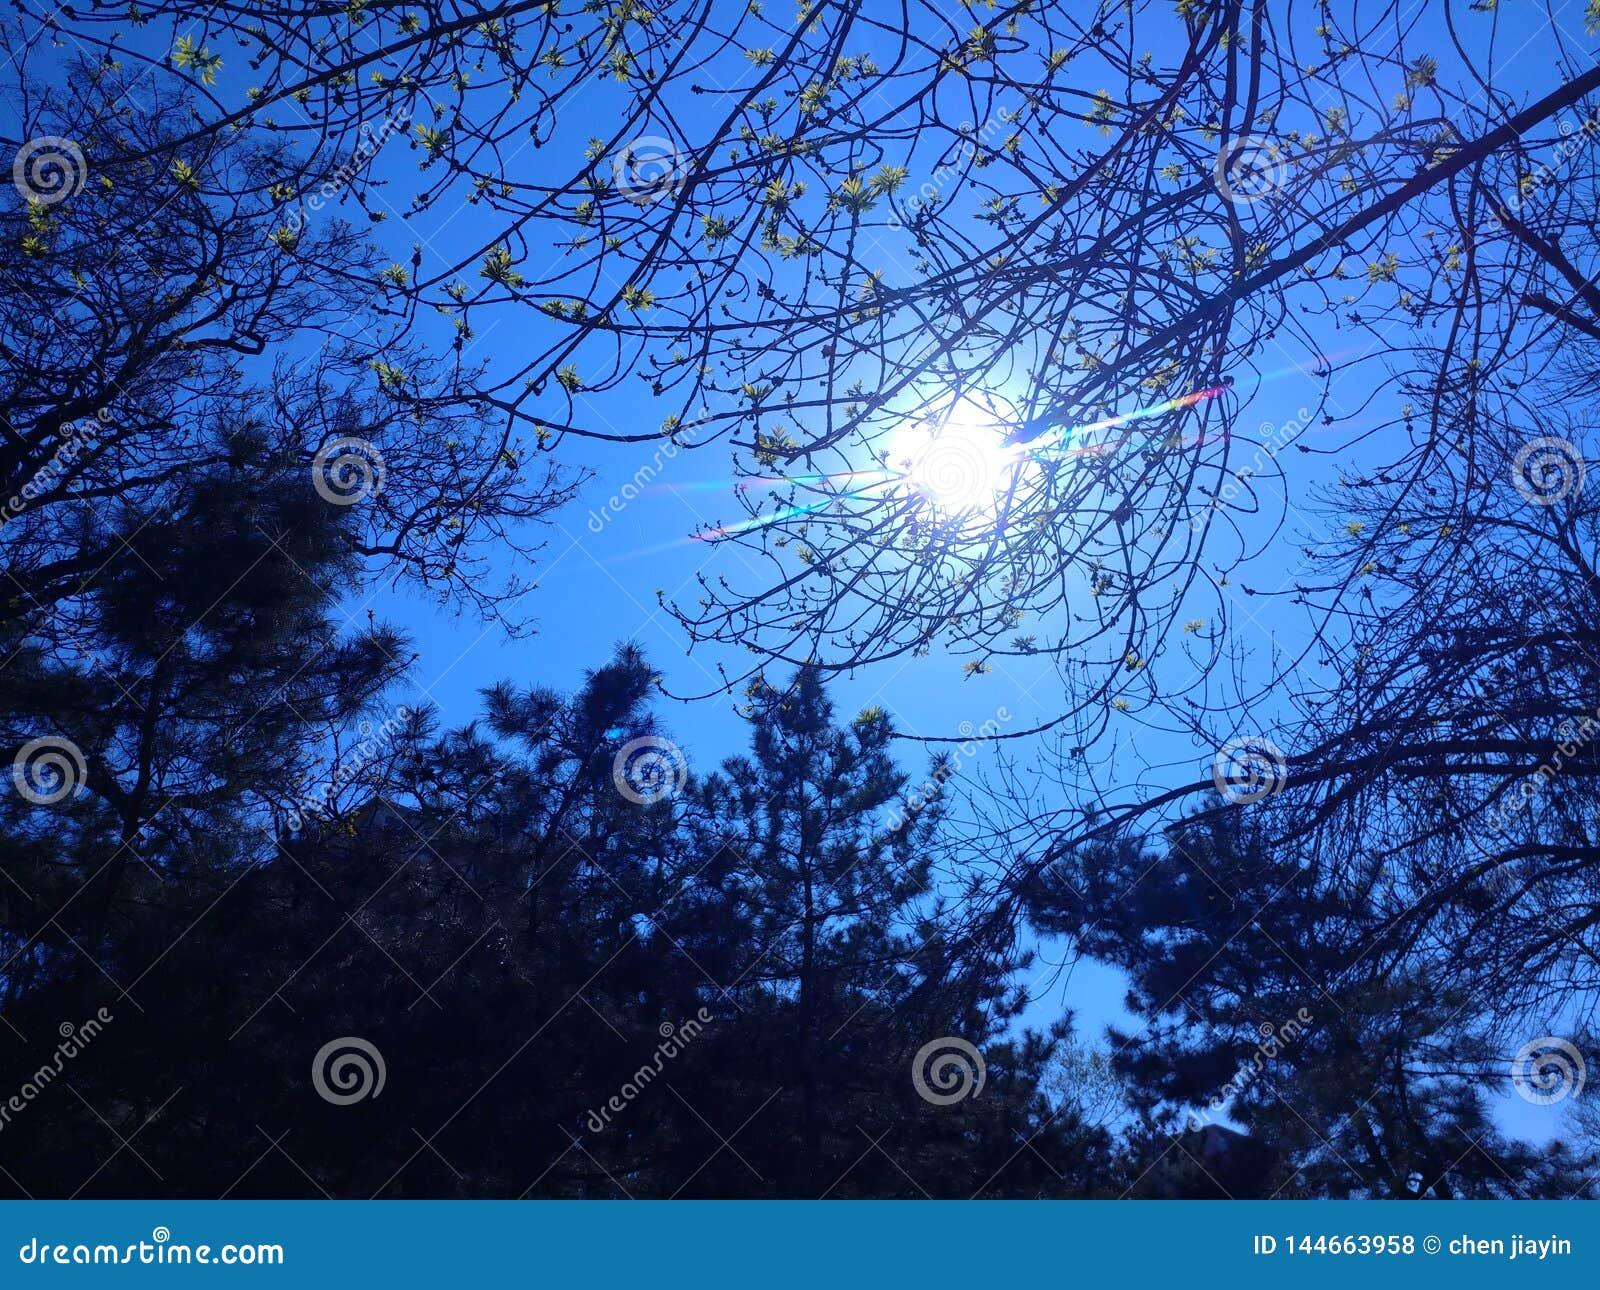 当您面对太阳,you';ll发现它的光